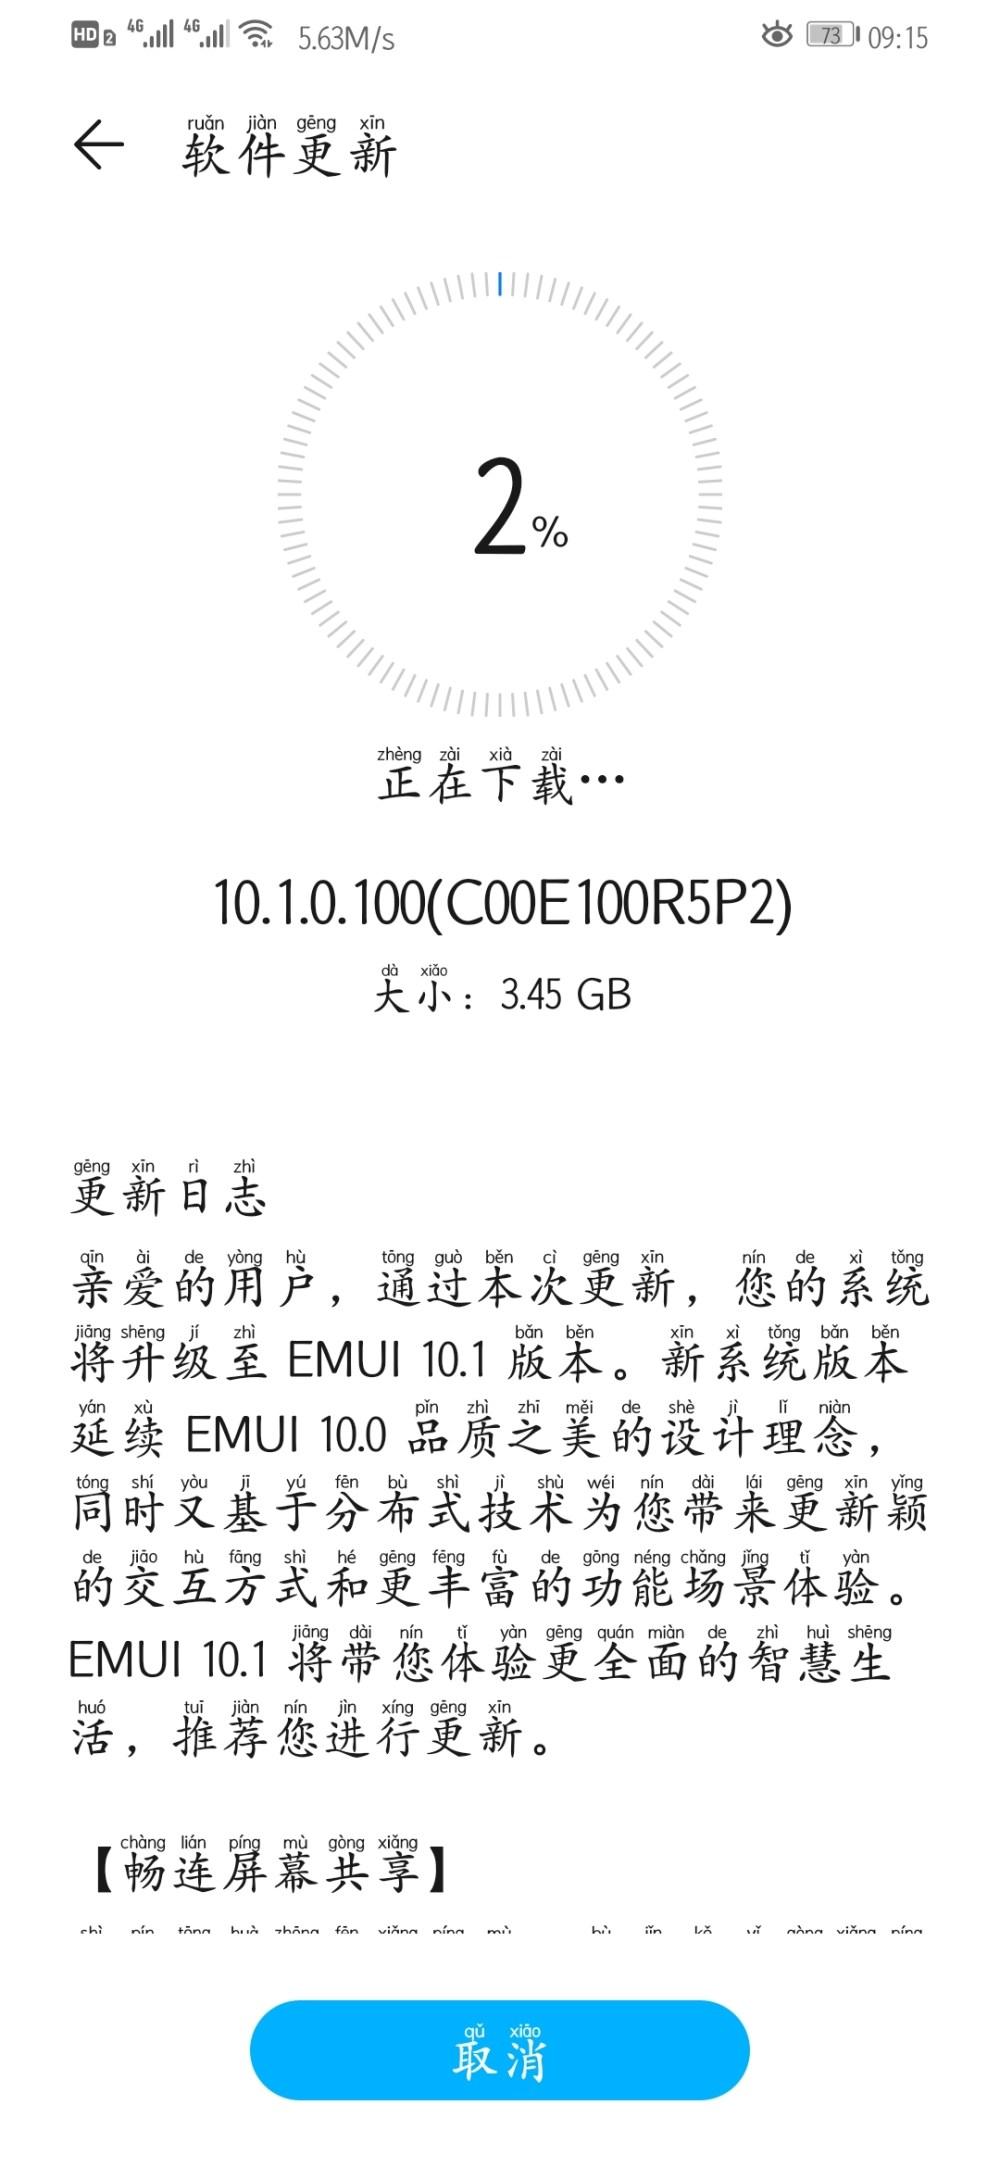 Honor 9X series EMUI 10.1.0.100 public beta